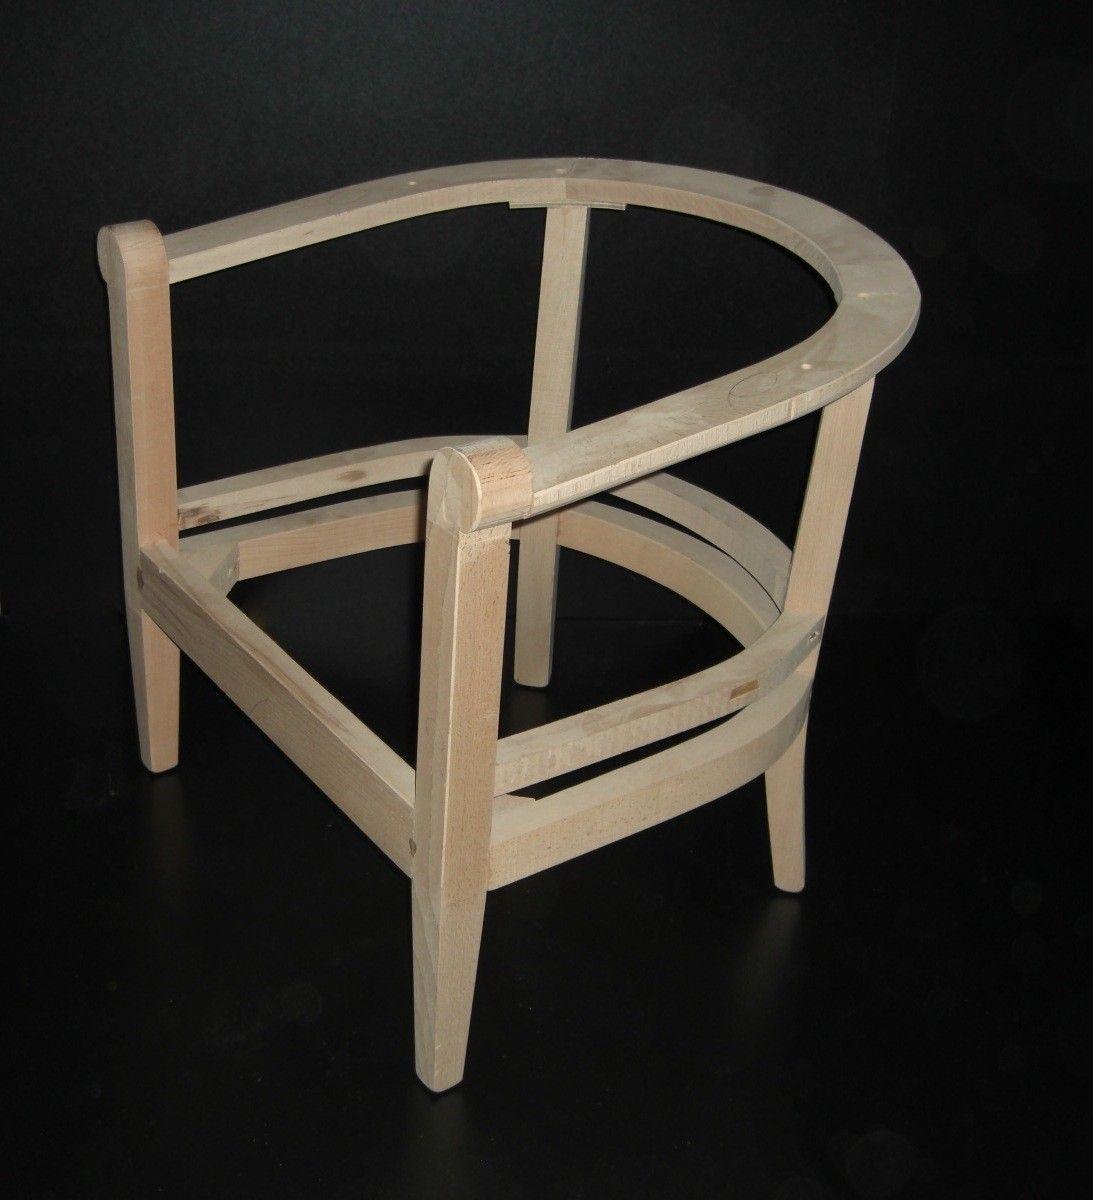 Pin de Alex Binci en Furniture Bones   Pinterest   Sillones ...